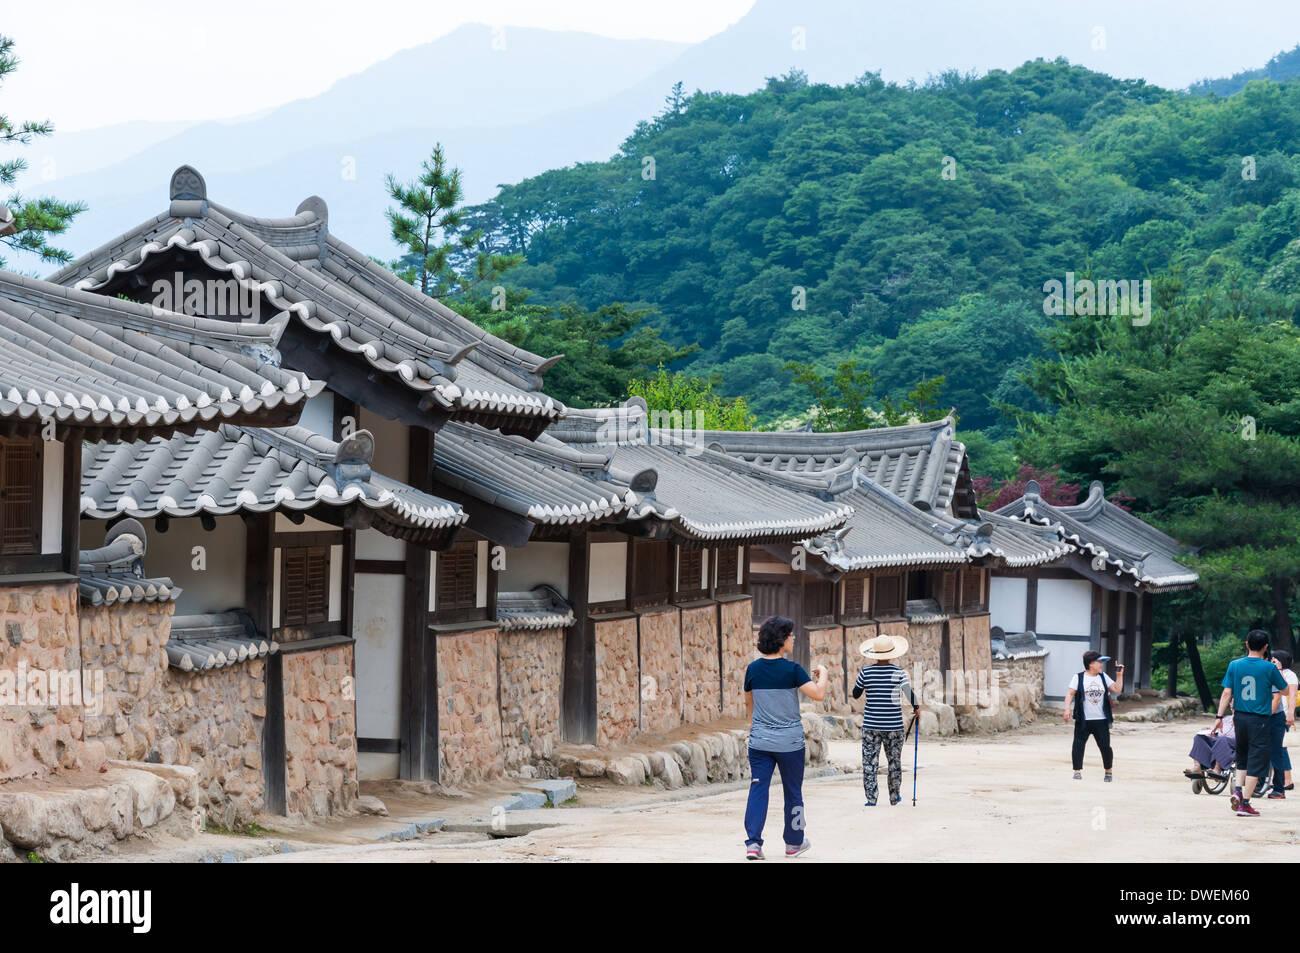 L'architecture coréenne traditionnelle dans un village historique en Corée du Sud. Photo Stock